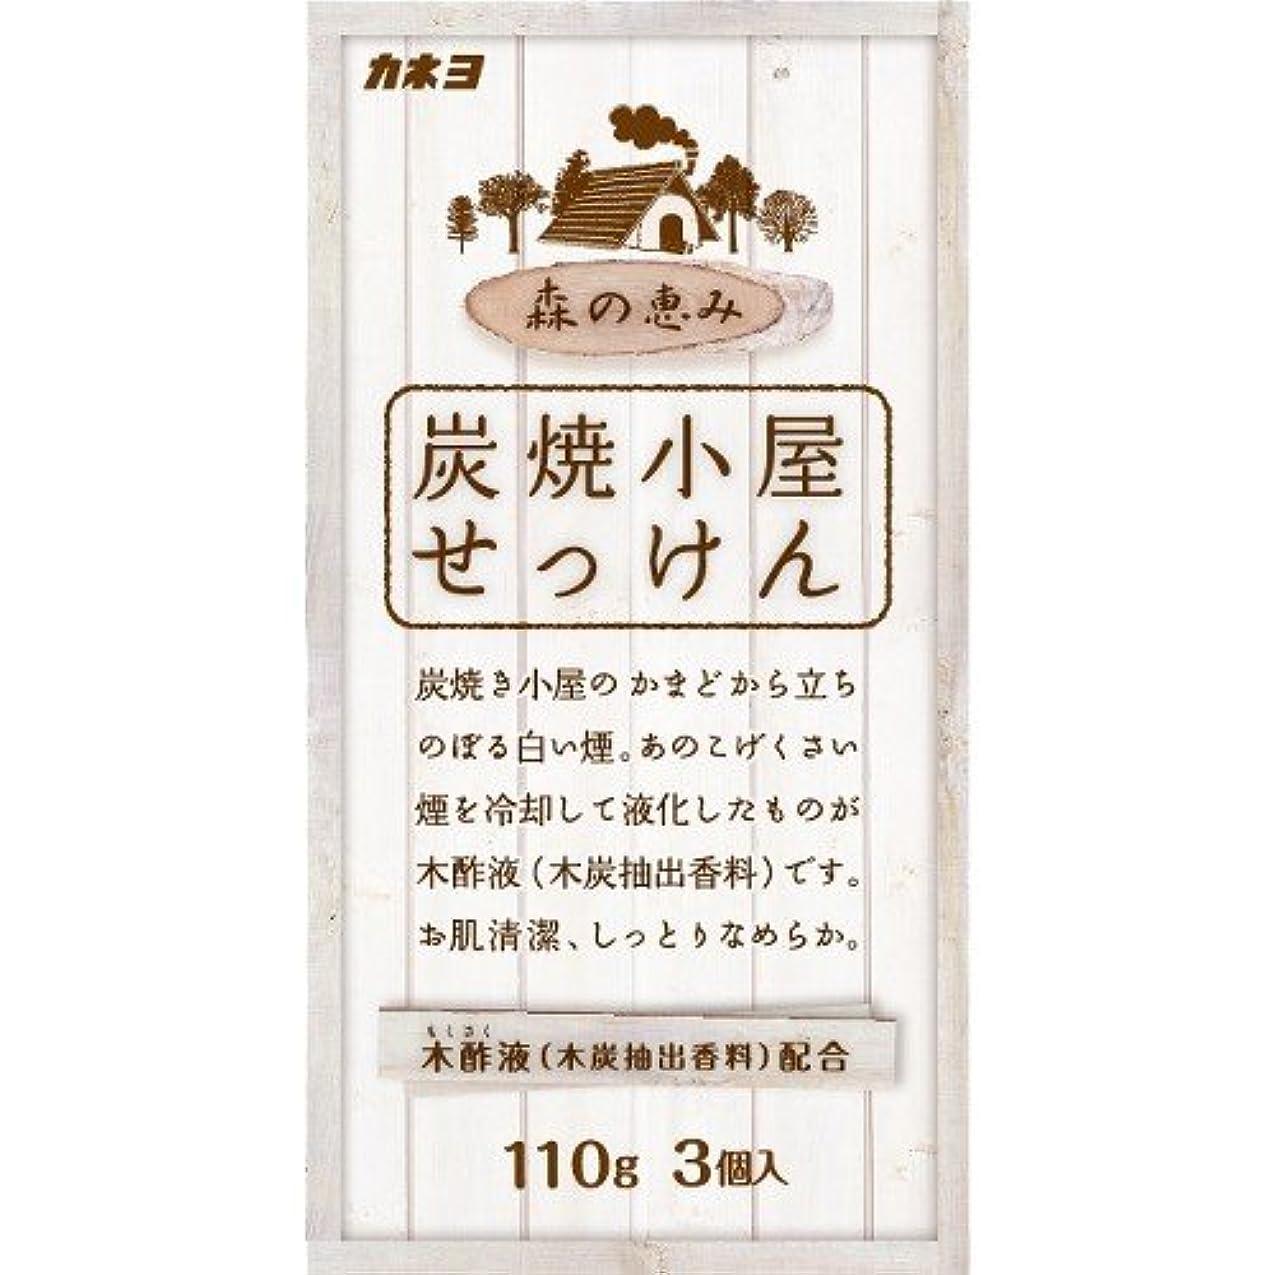 ドナウ川フォーカス枕カネヨ石鹸 炭焼小屋 化粧石けん 110g×3個入